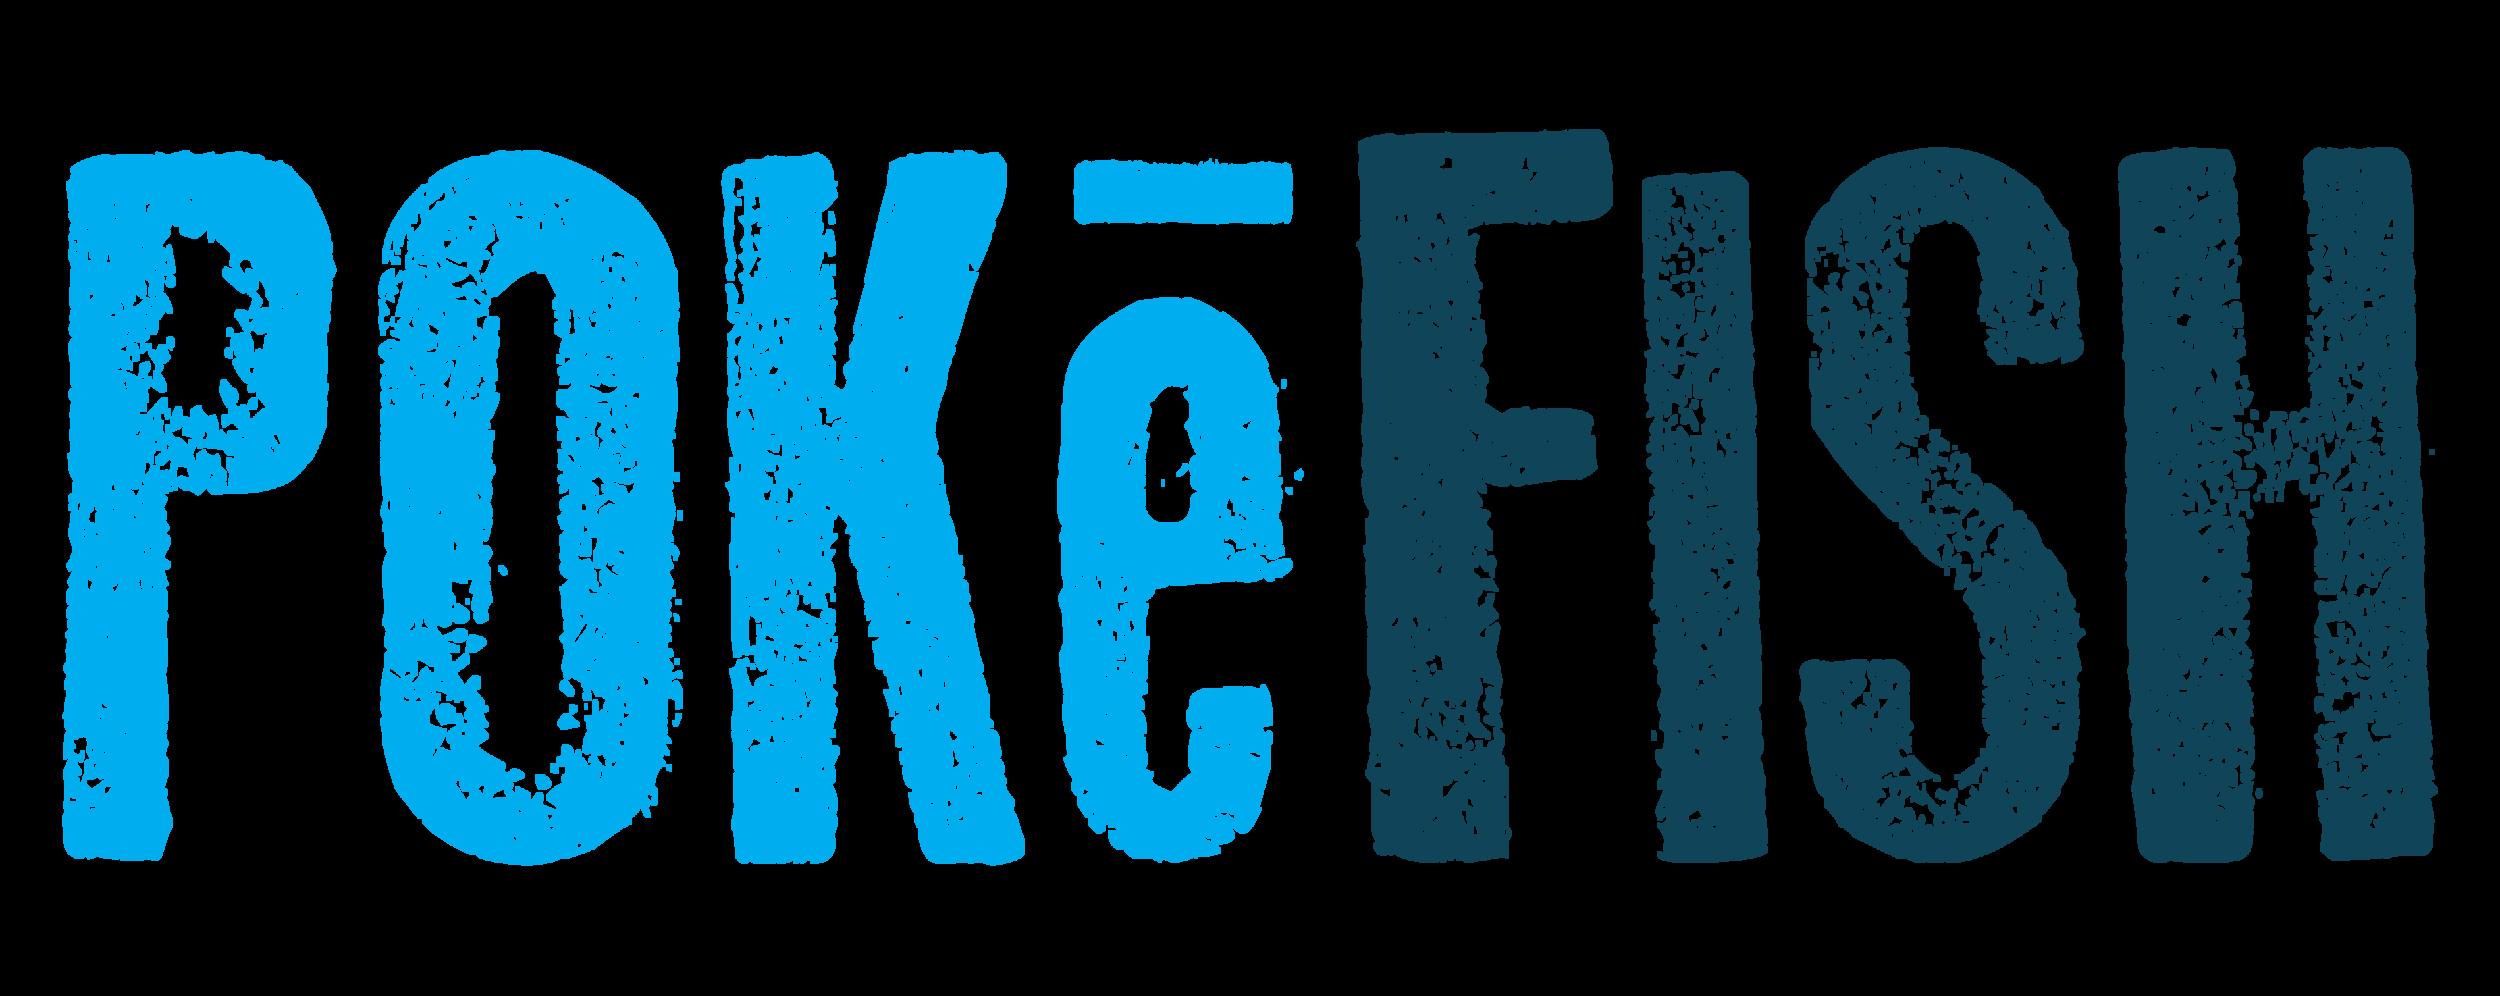 POKFISH.logo.lrg.png